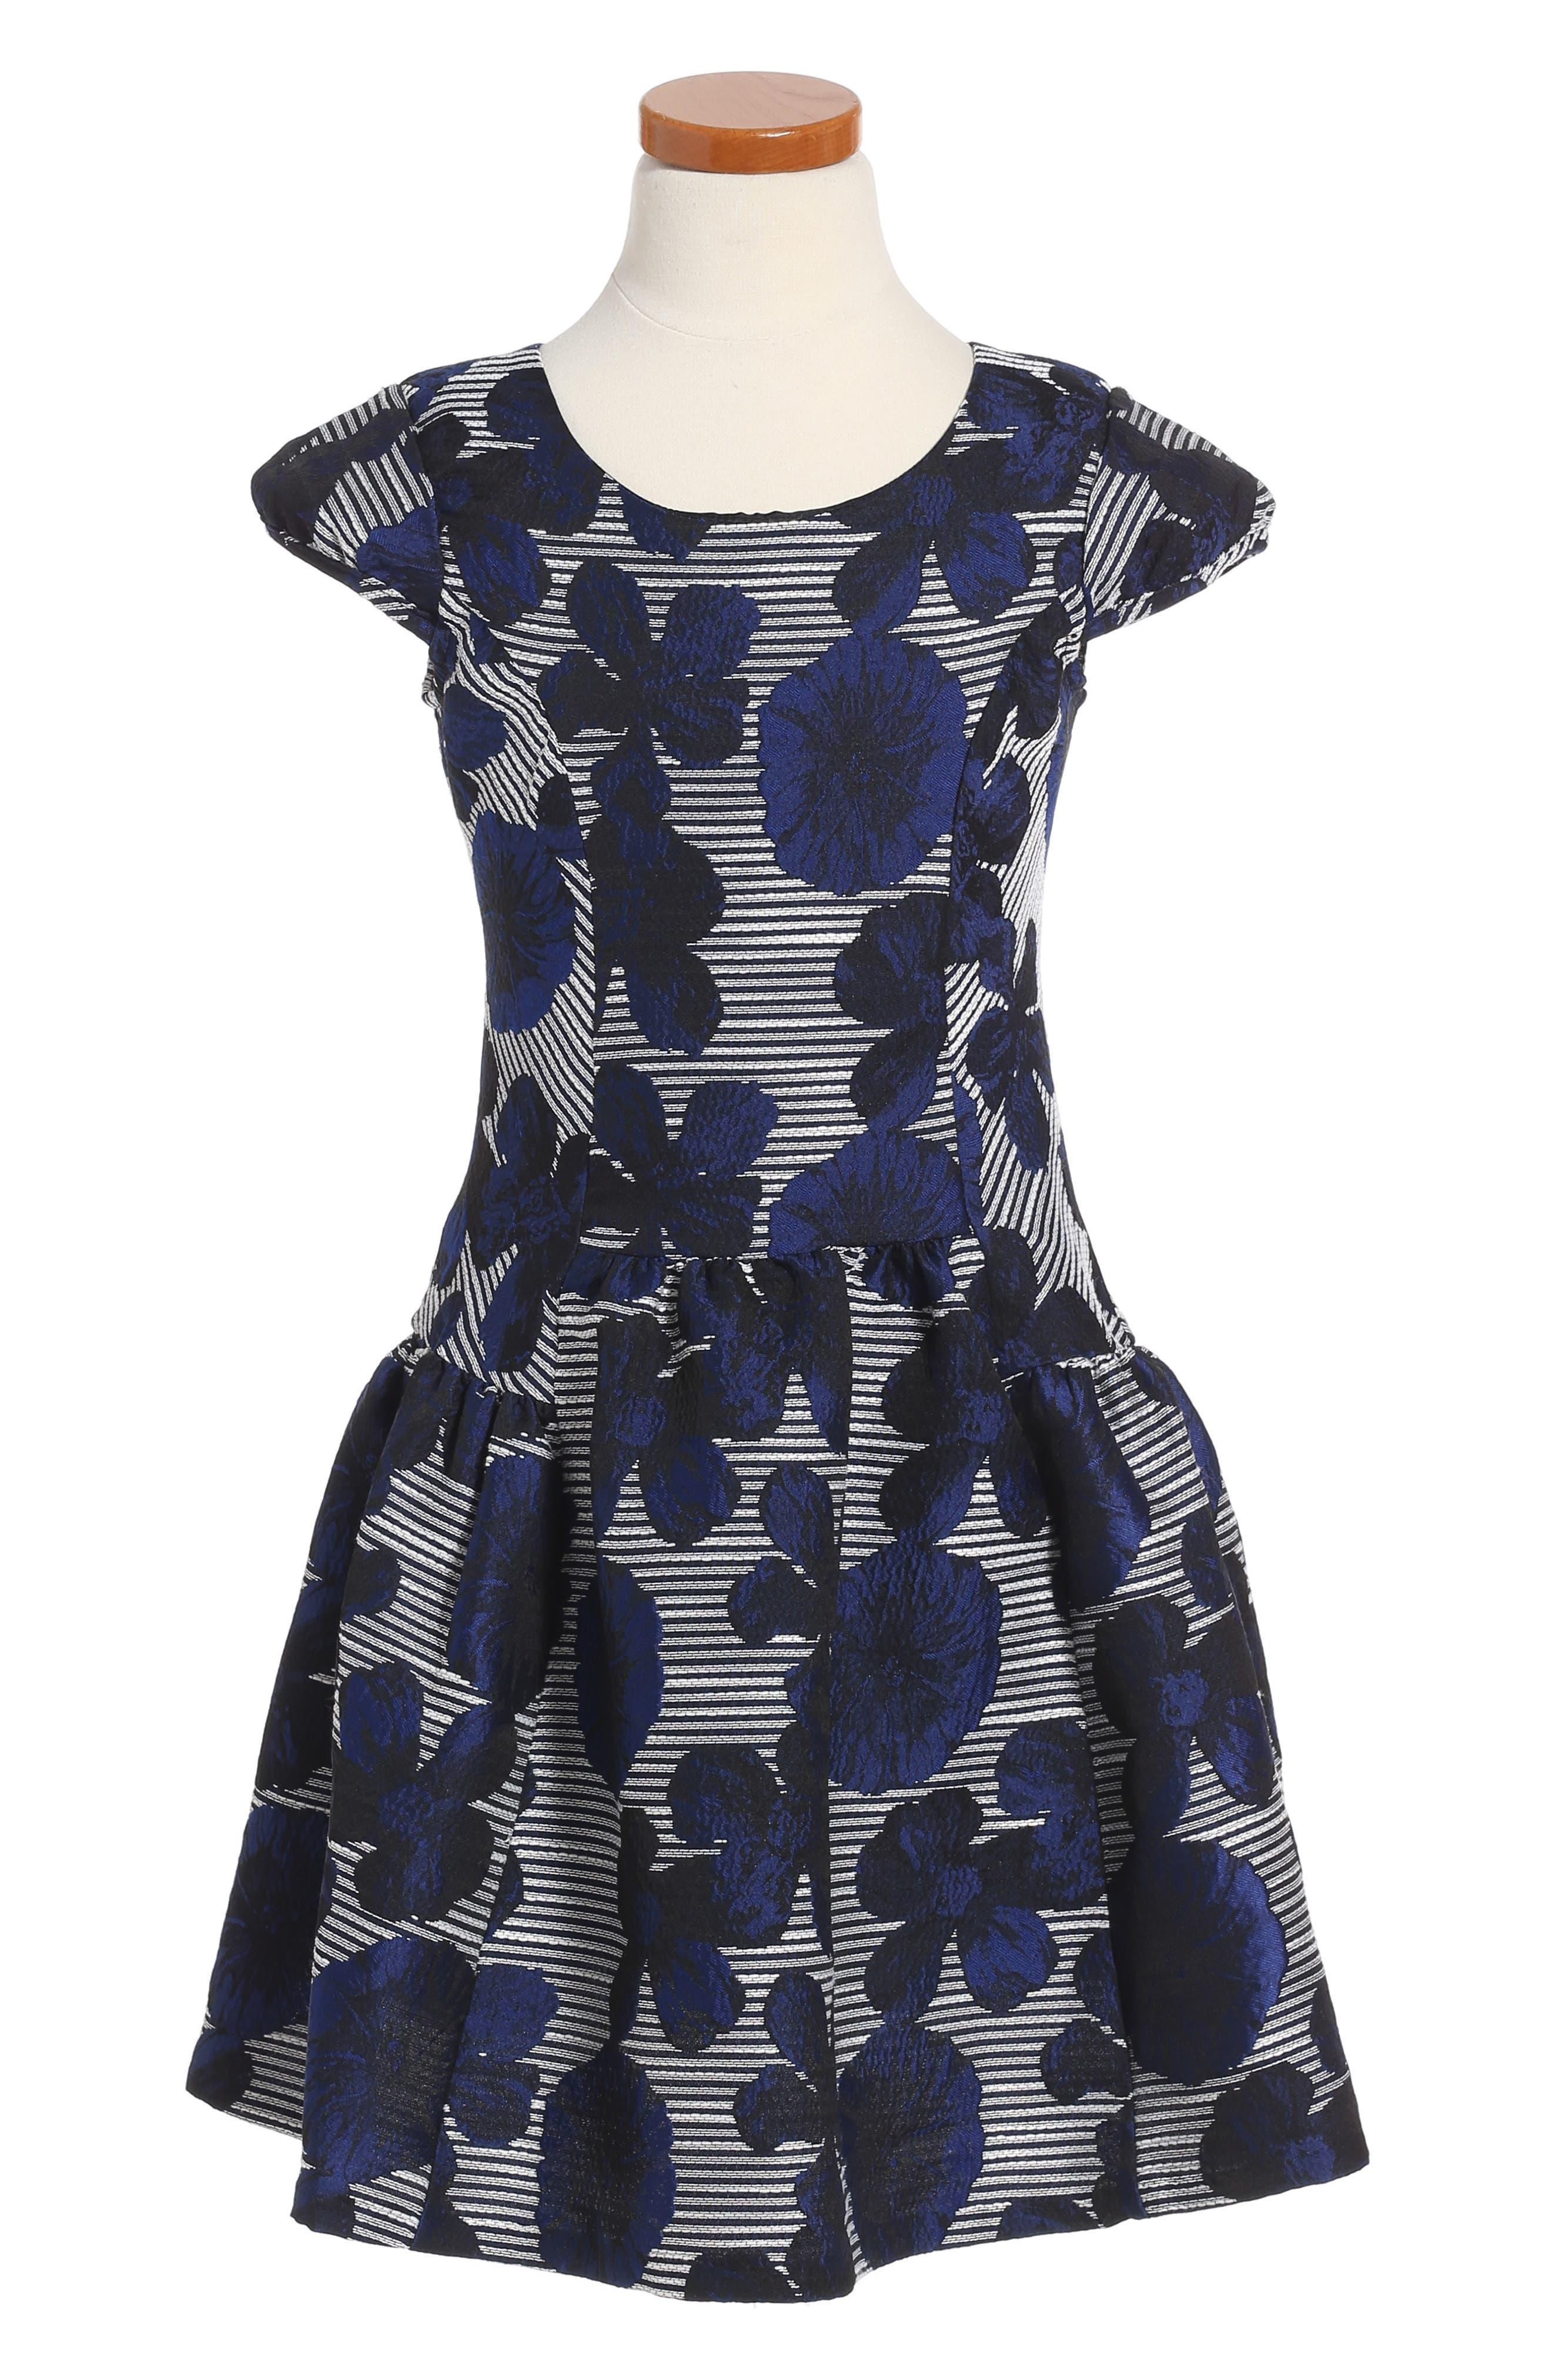 Main Image - Iris & Ivy Floral Jacquard Dress (Toddler Girls, Little Girls & Big Girls)